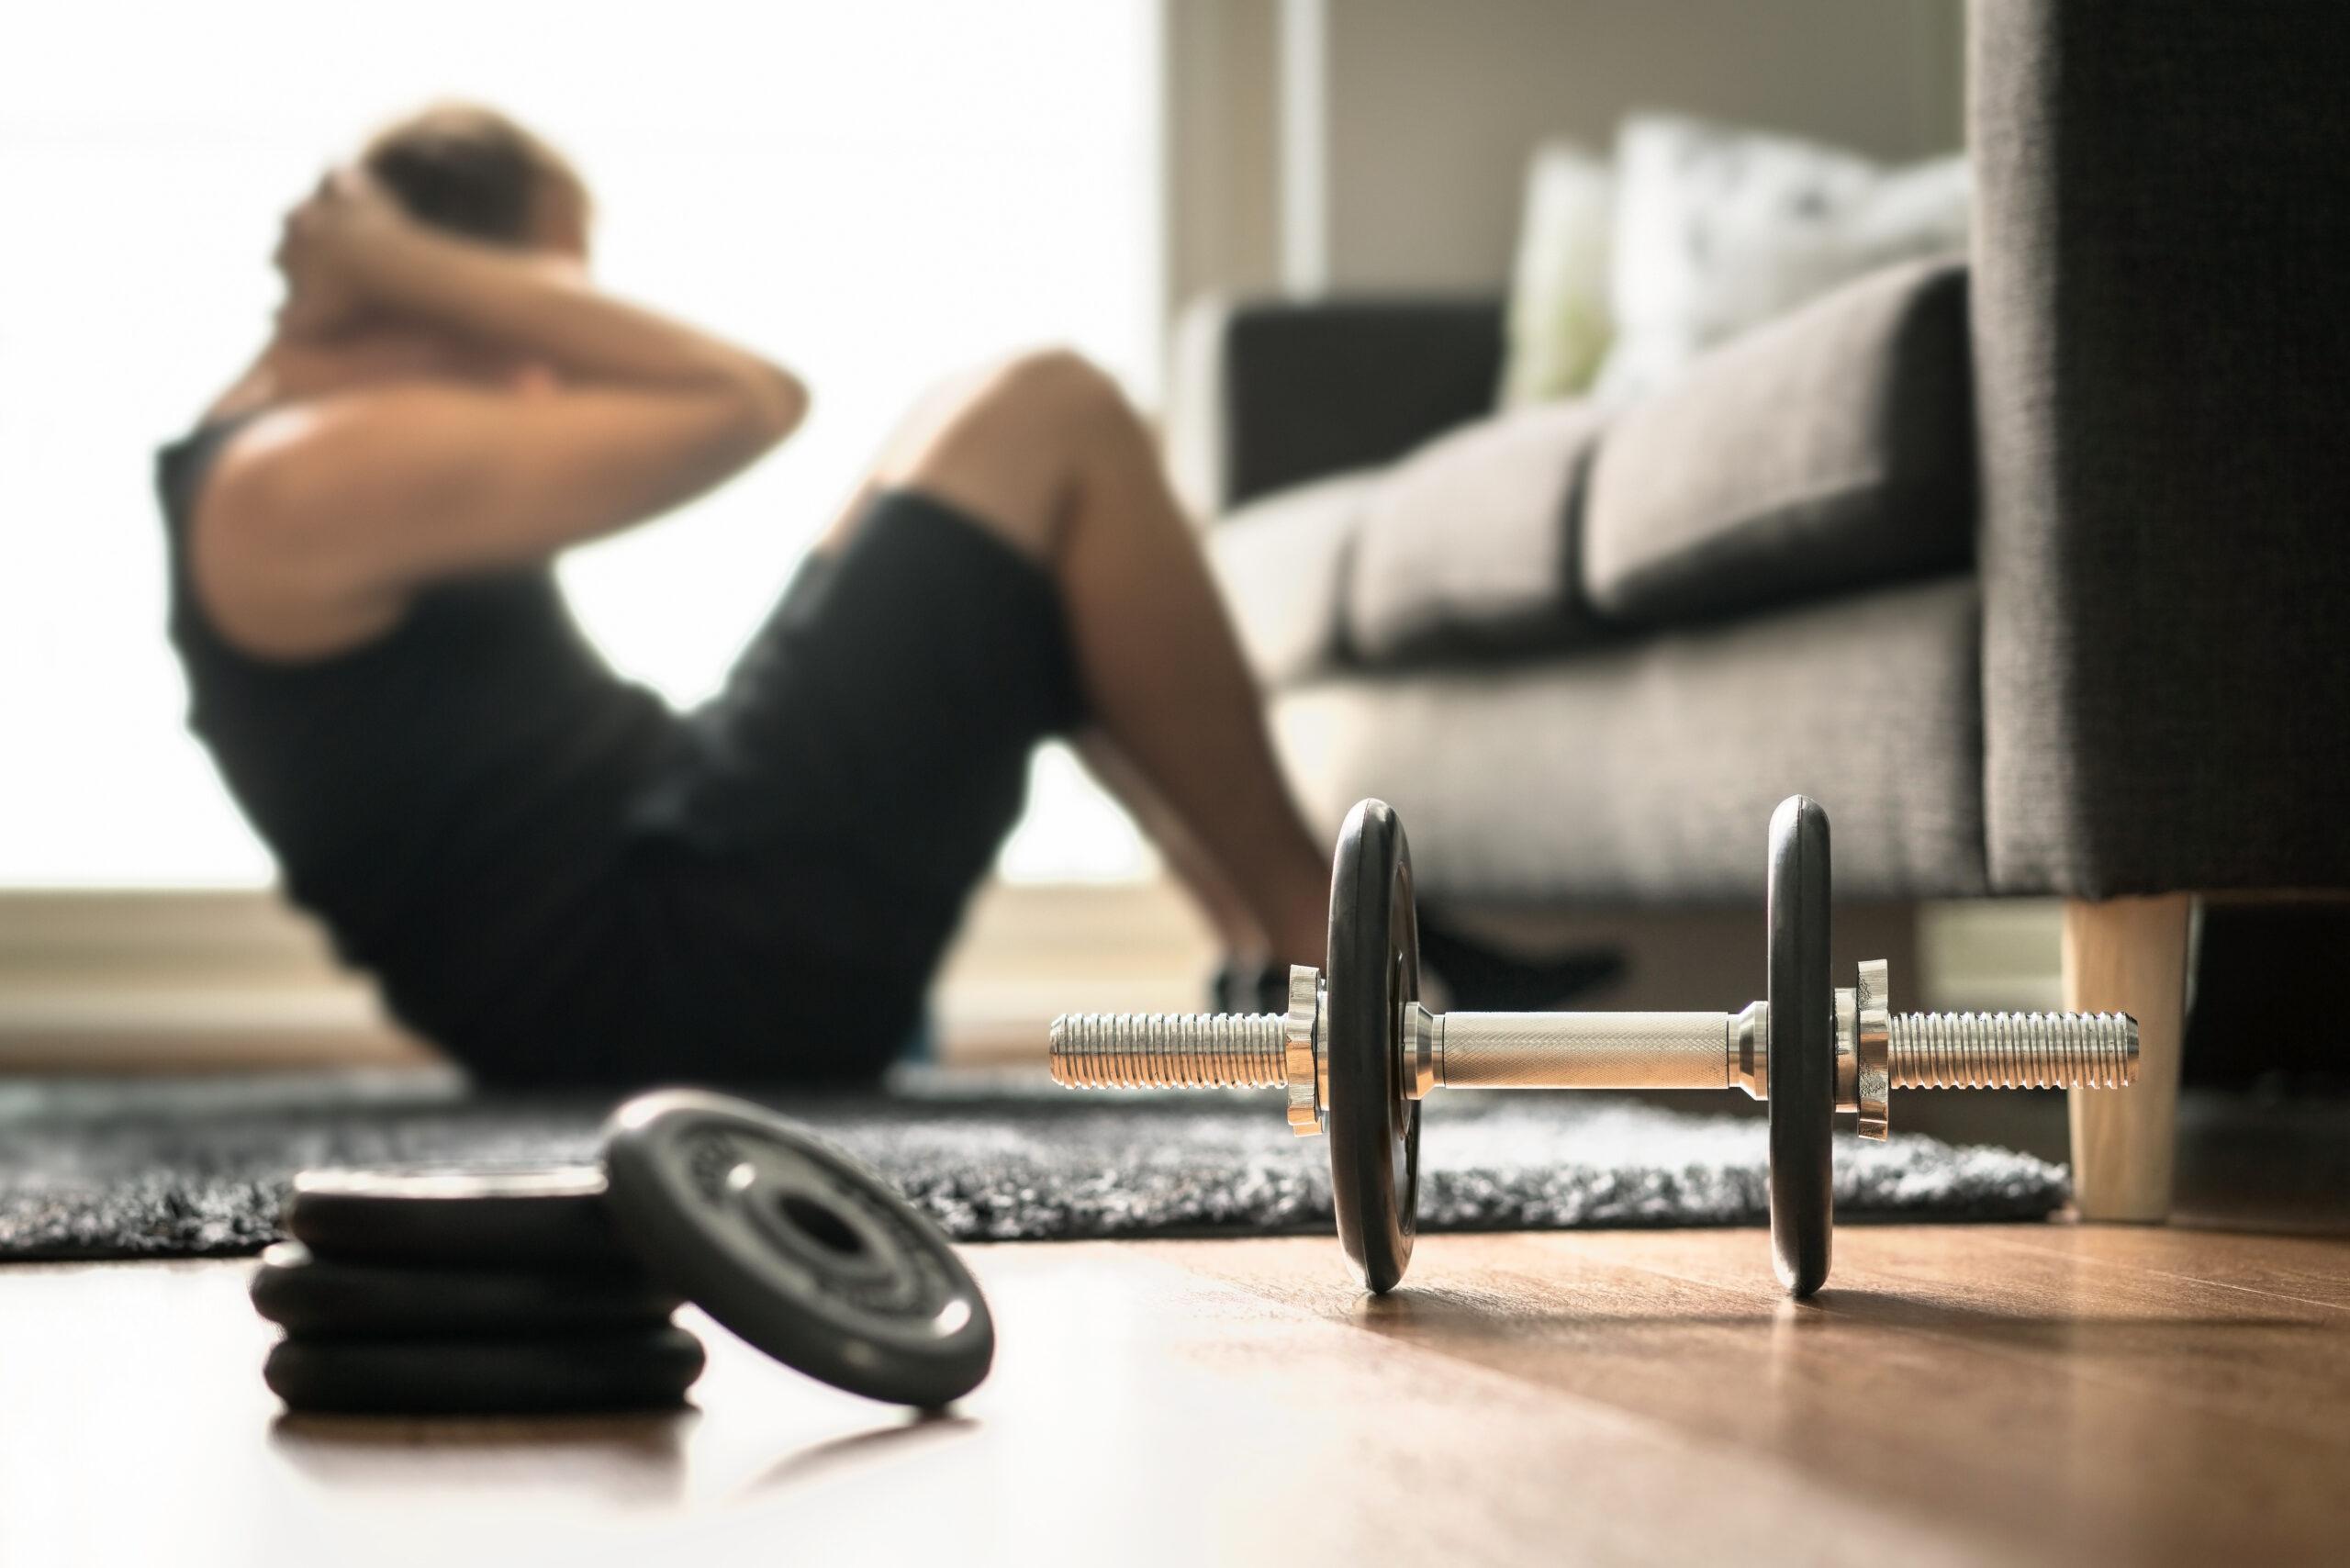 Krafttraining: Ein Mann trainiert Crunches im Wohnzimmer. Neben ihm liegt eine Hantel mit Gewichten zum Workout.